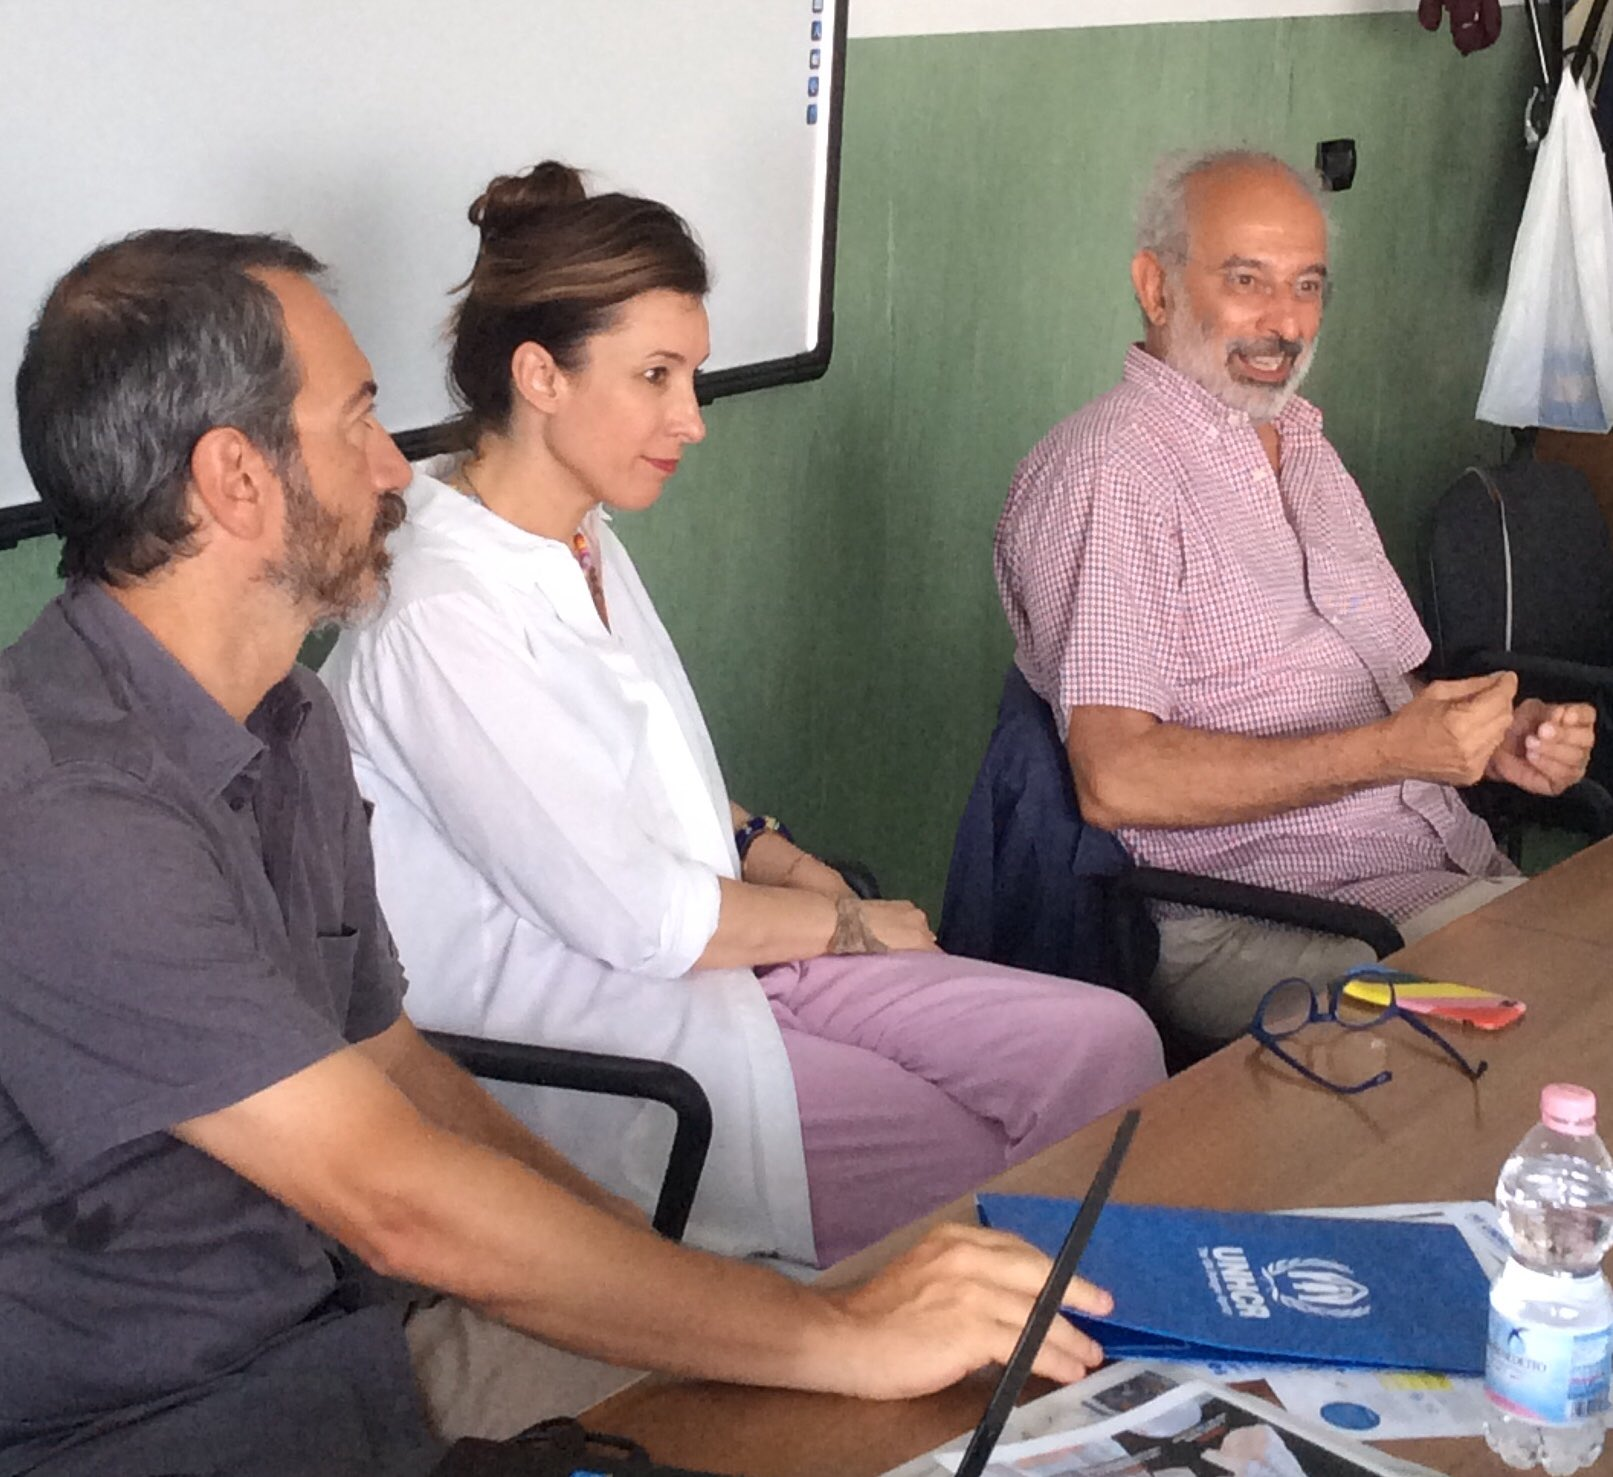 Migrazioni, fonti e fake news, incontro alla scuola di giornalismo